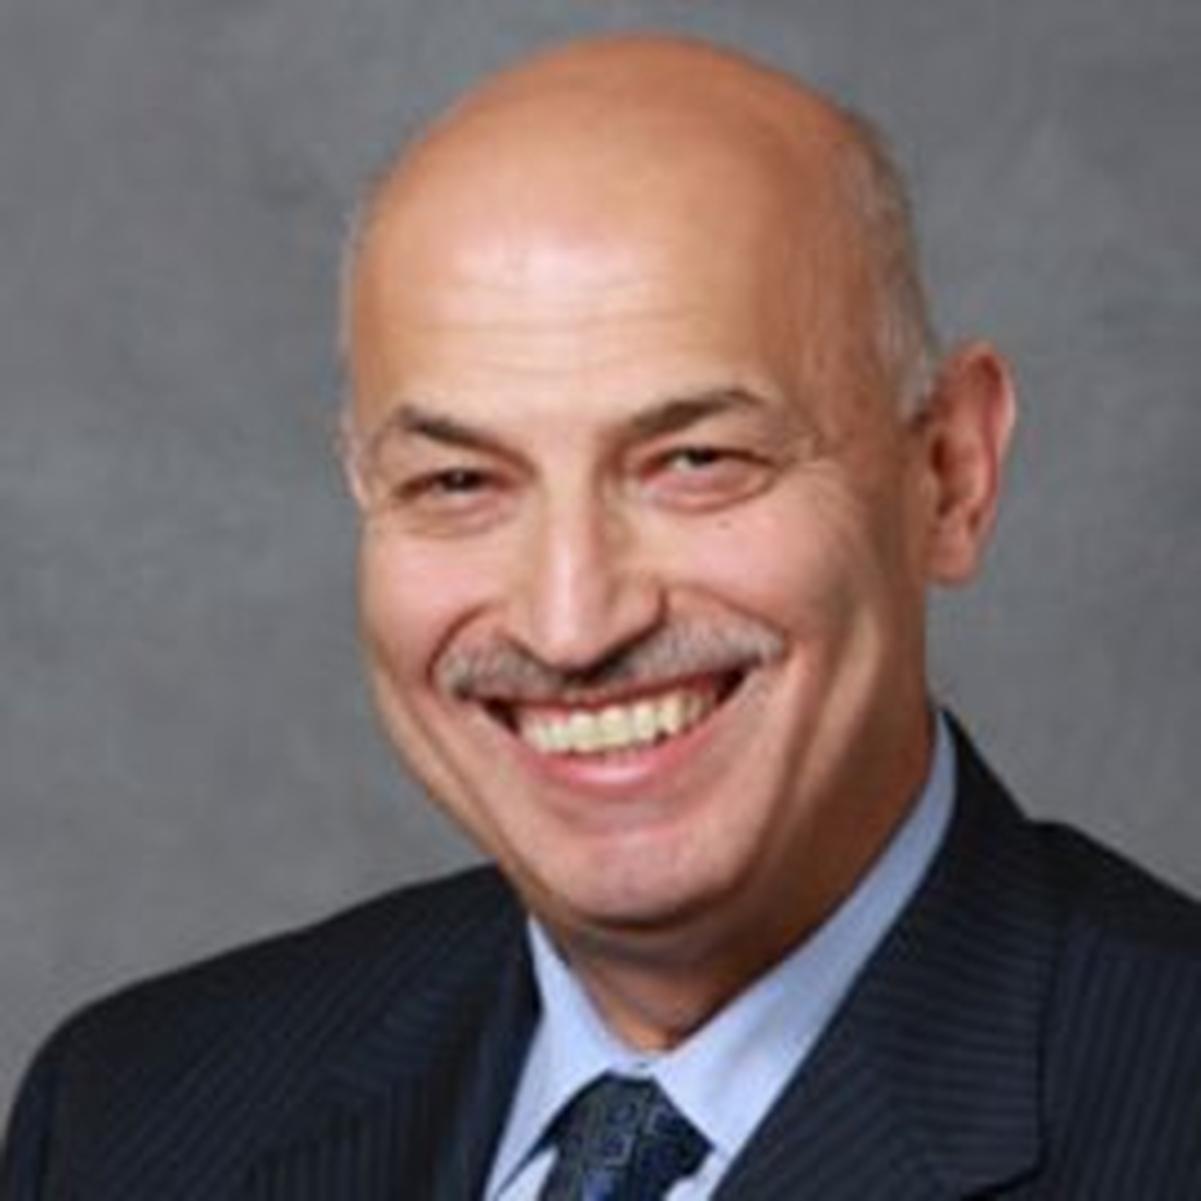 Saad Abdul-Latif